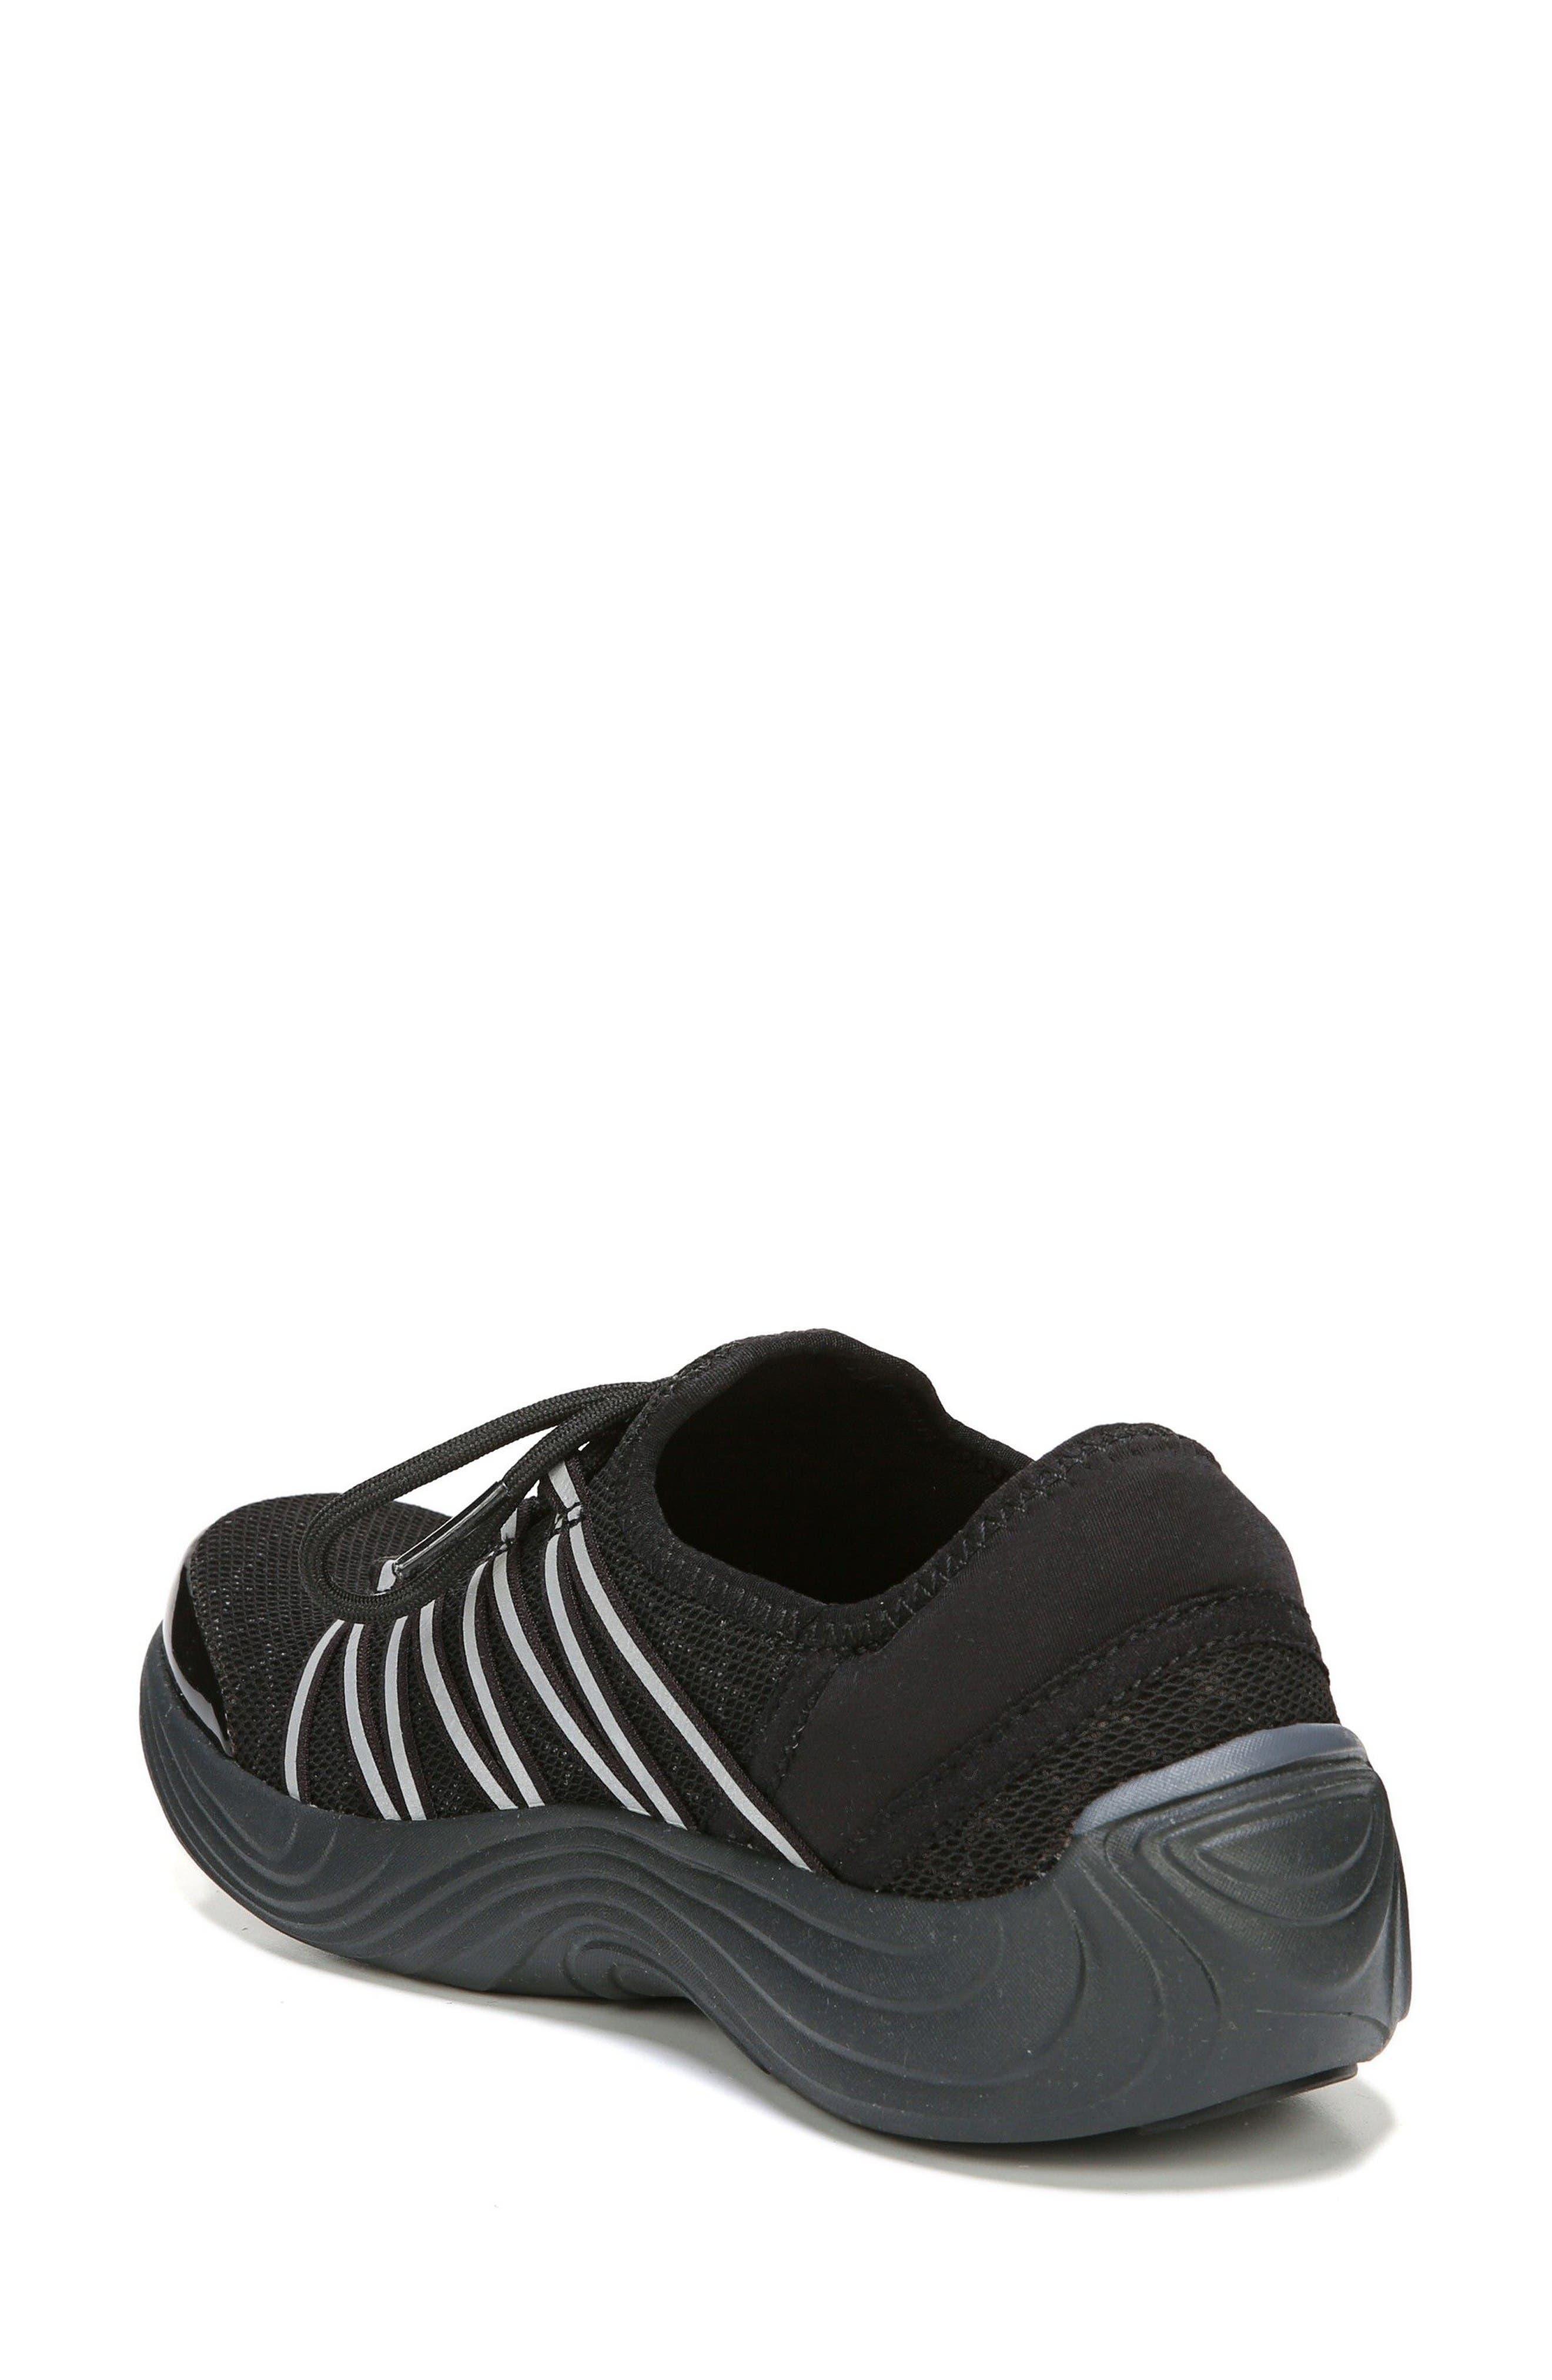 Alternate Image 2  - BZees Tender Sneaker (Women)